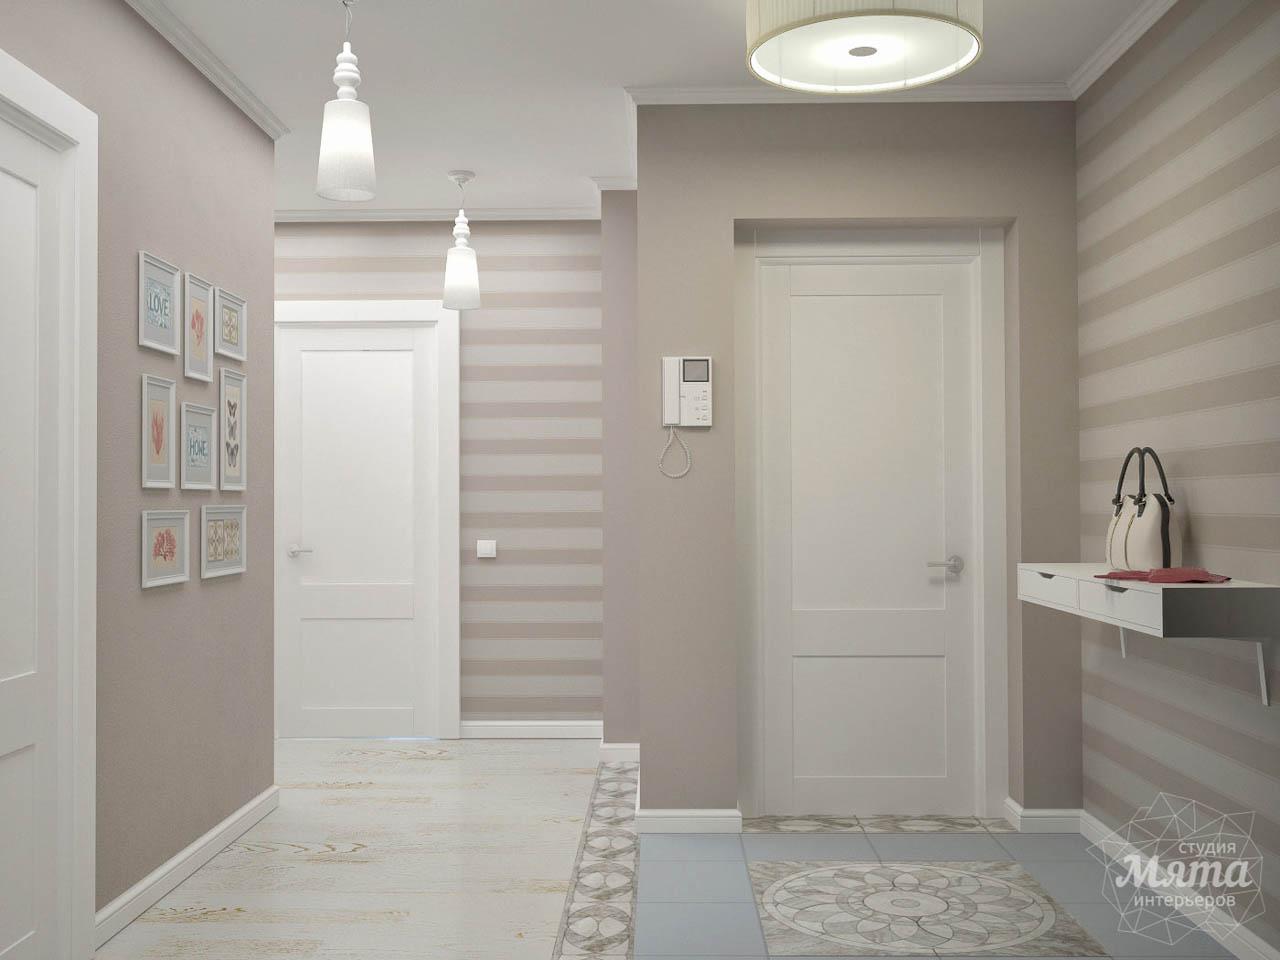 Дизайн интерьера и ремонт трехкомнатной квартиры по ул. Фучика 9 img1794843164